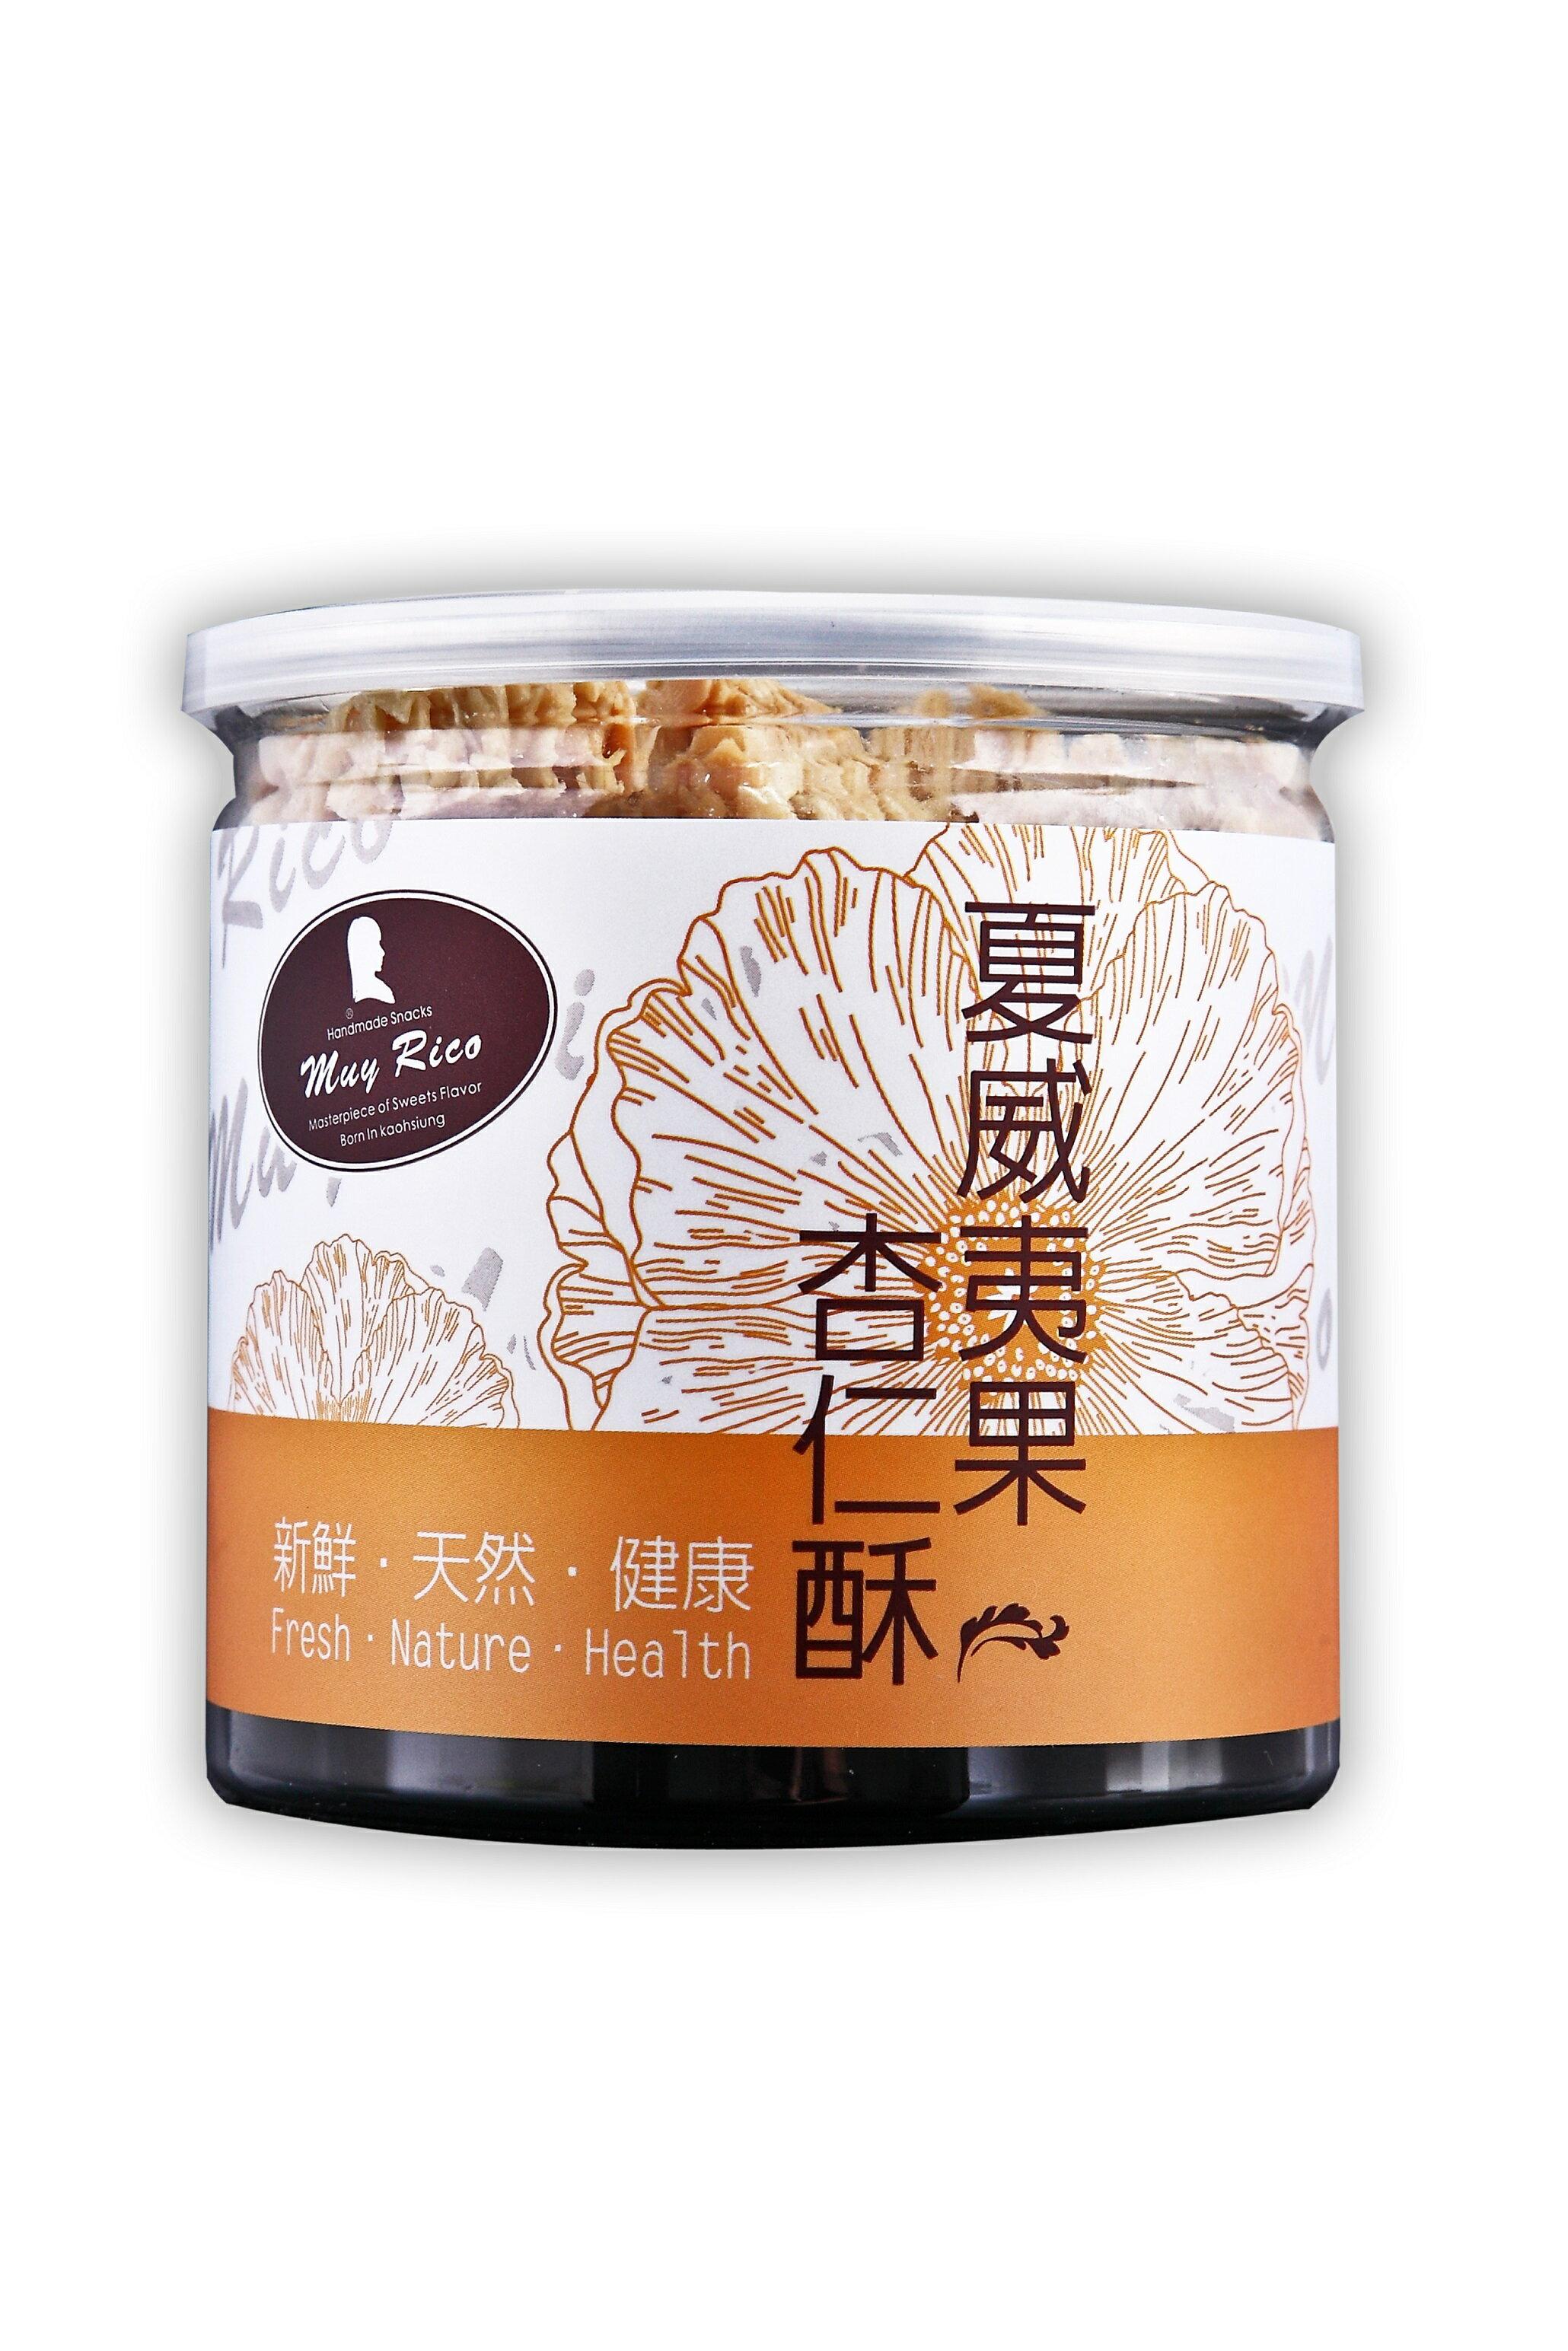 【脆酥系列】夏威夷果杏仁酥 (260g/罐) 堅果 普渡 零食